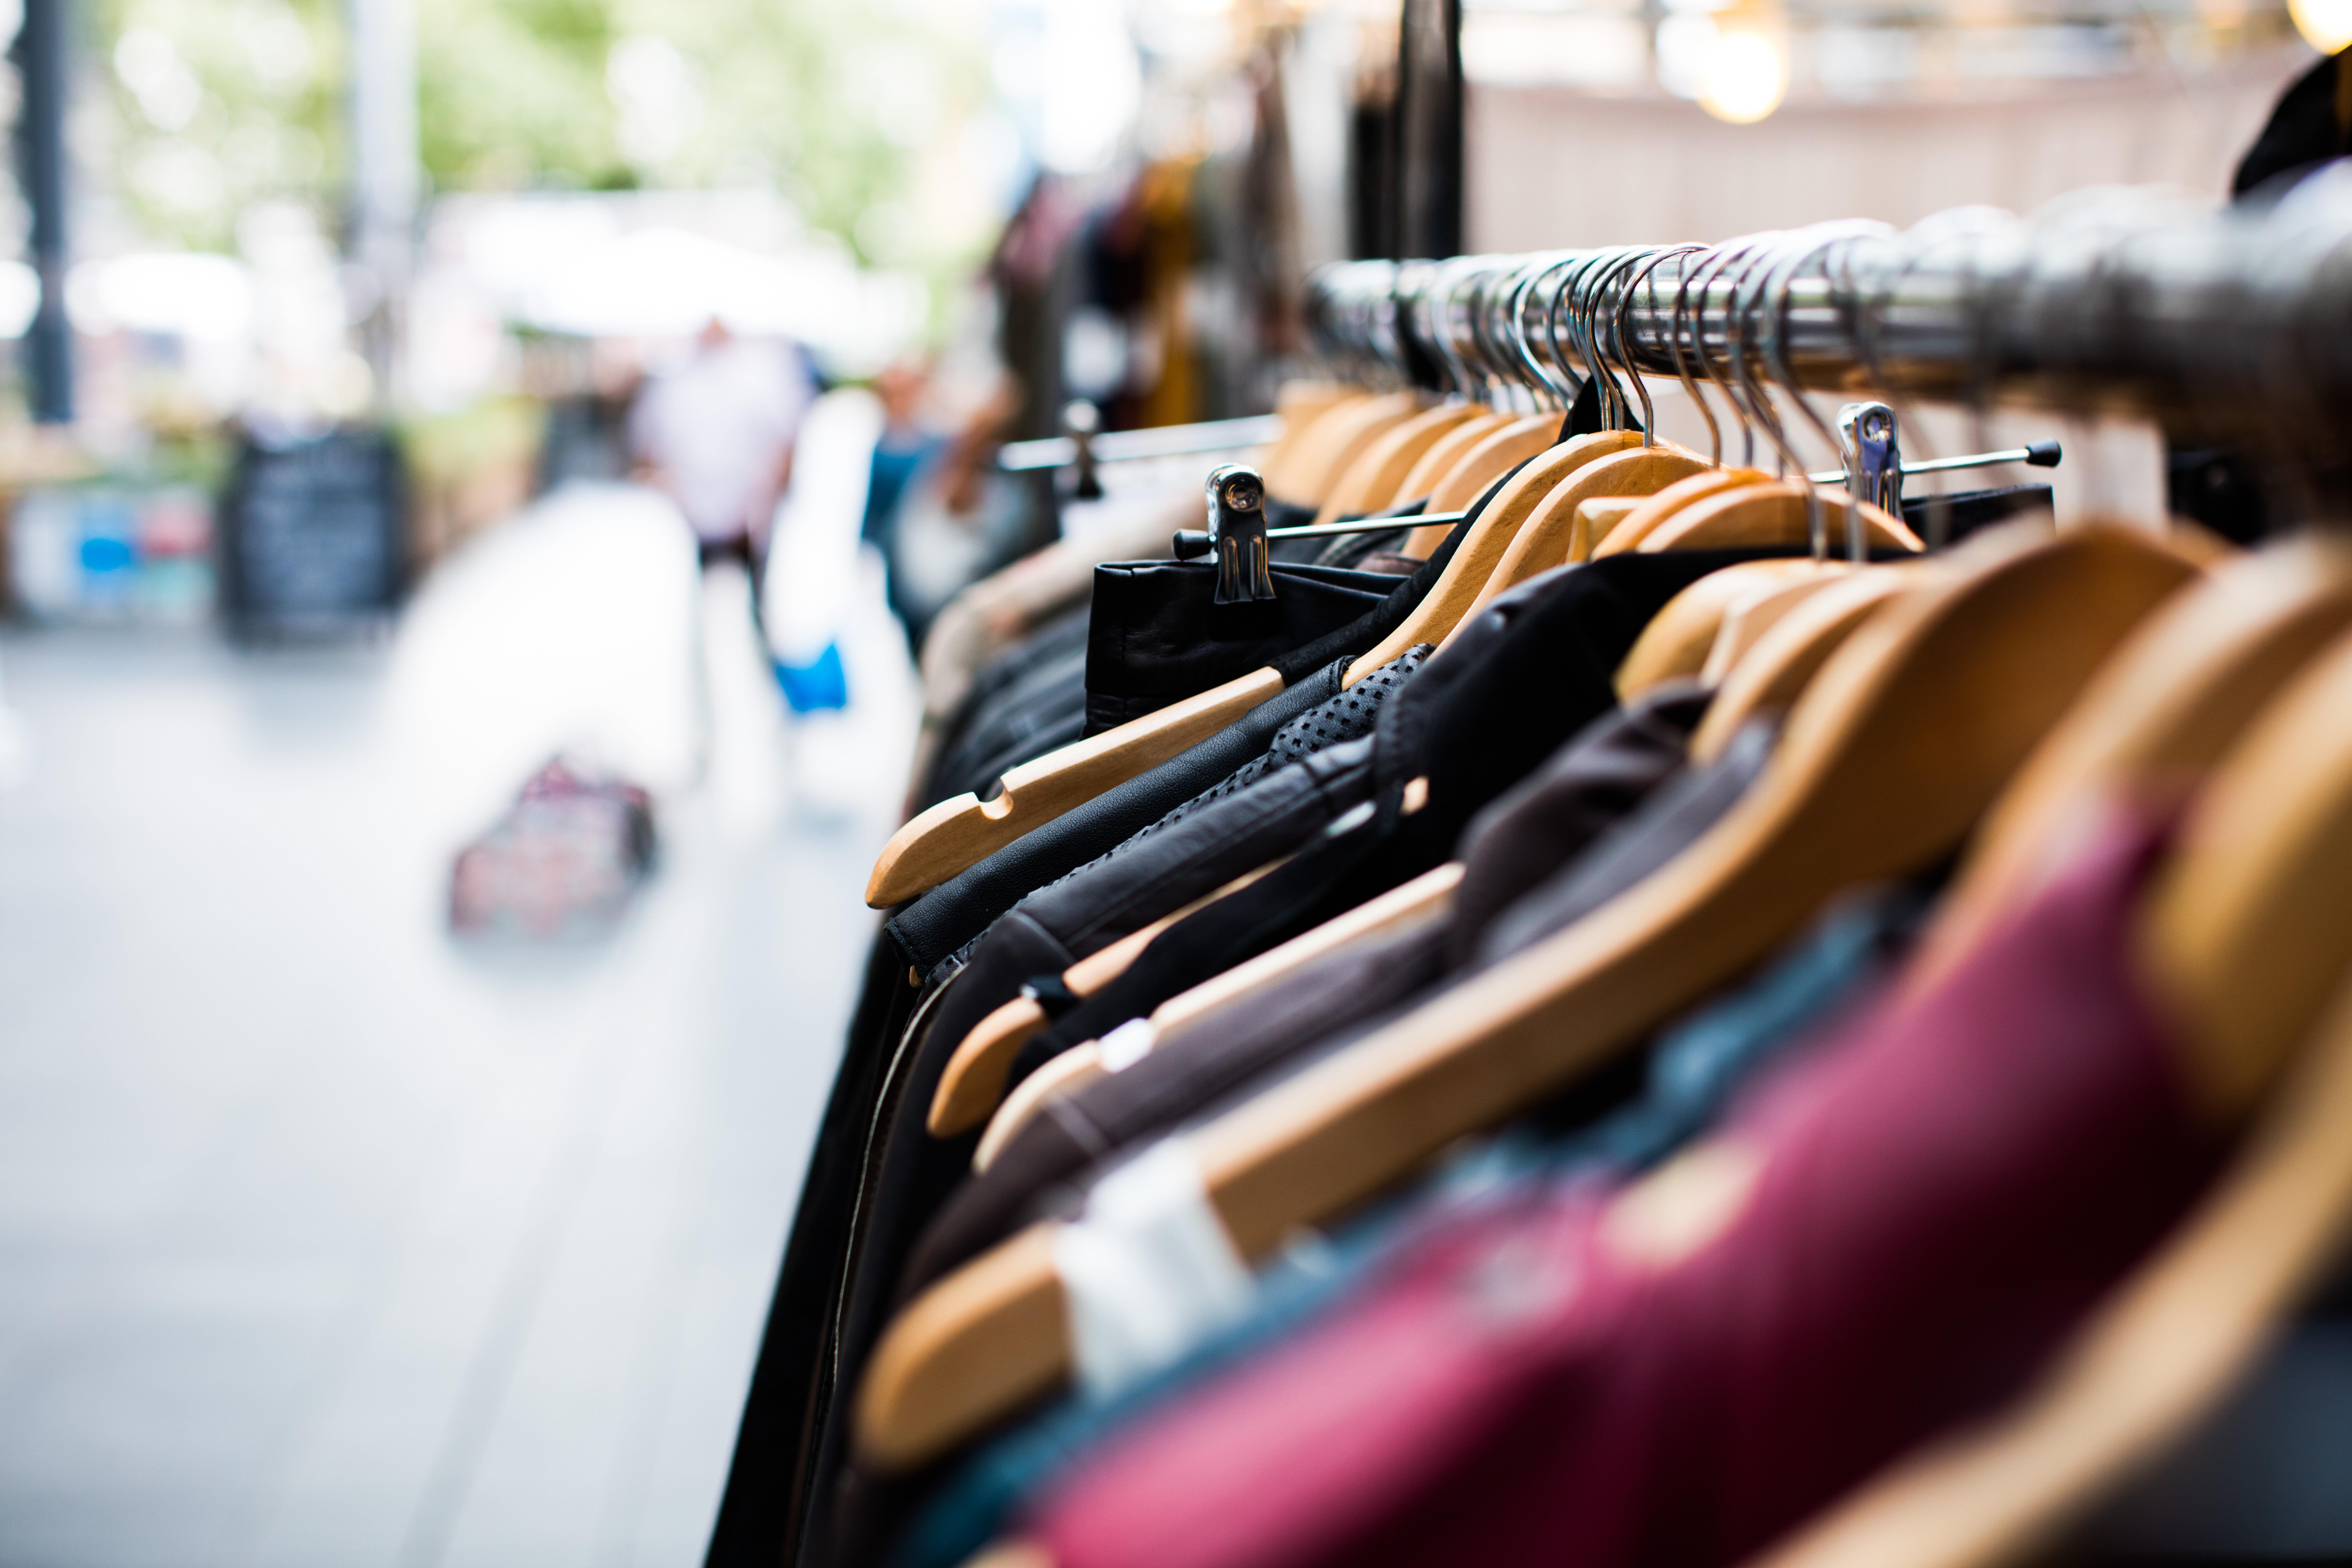 המחיר היקר של הבגדים הזולים